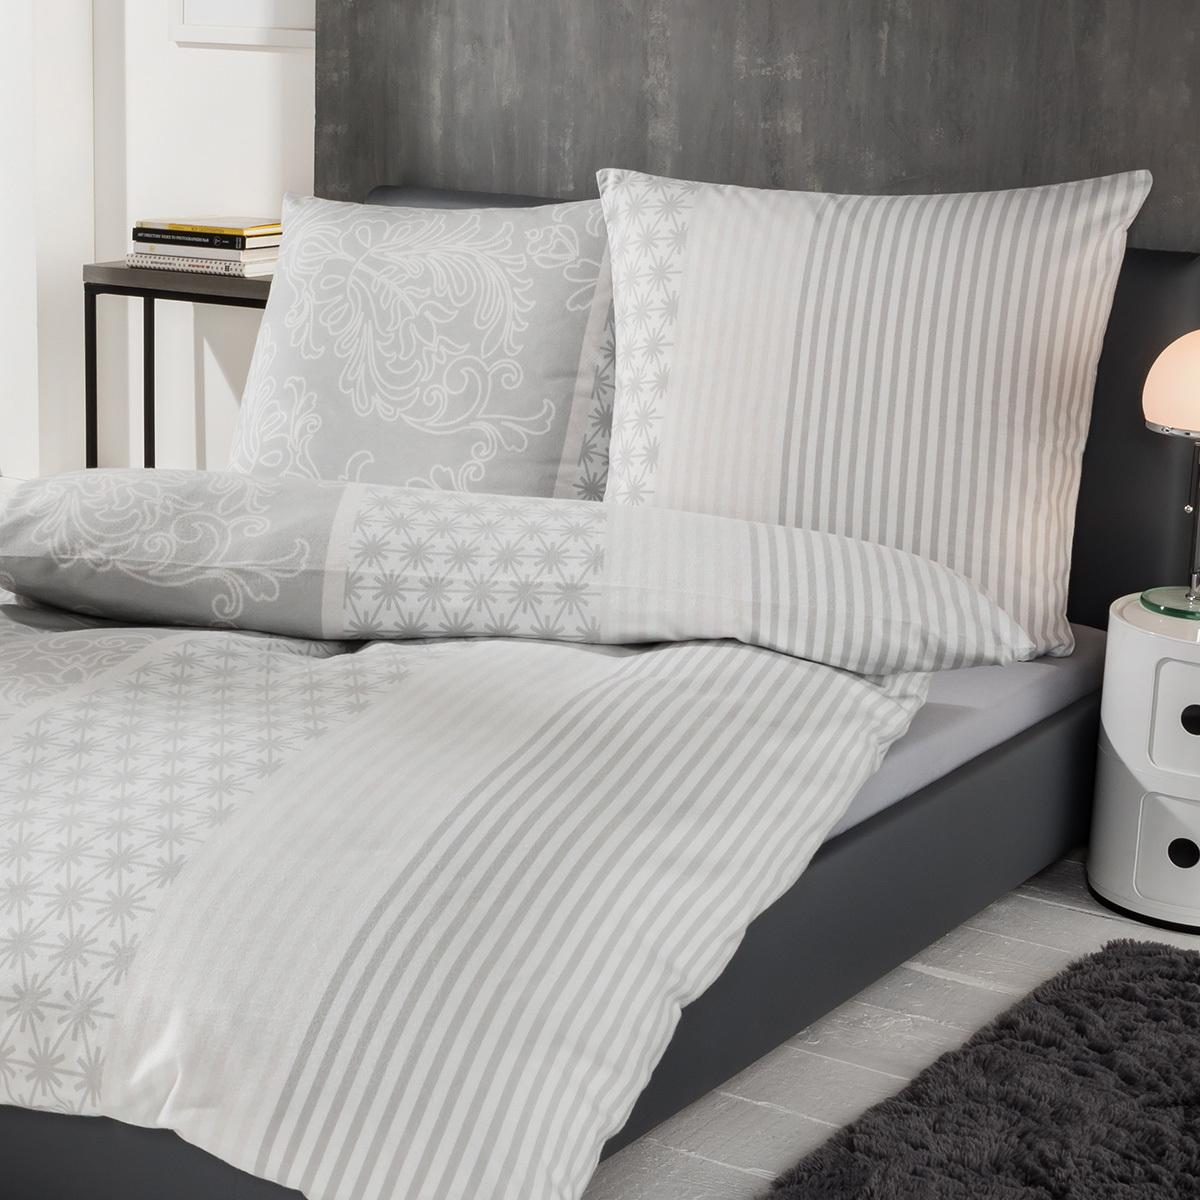 ibena zeitgeist flanell bettw sche schneeflocken grau. Black Bedroom Furniture Sets. Home Design Ideas